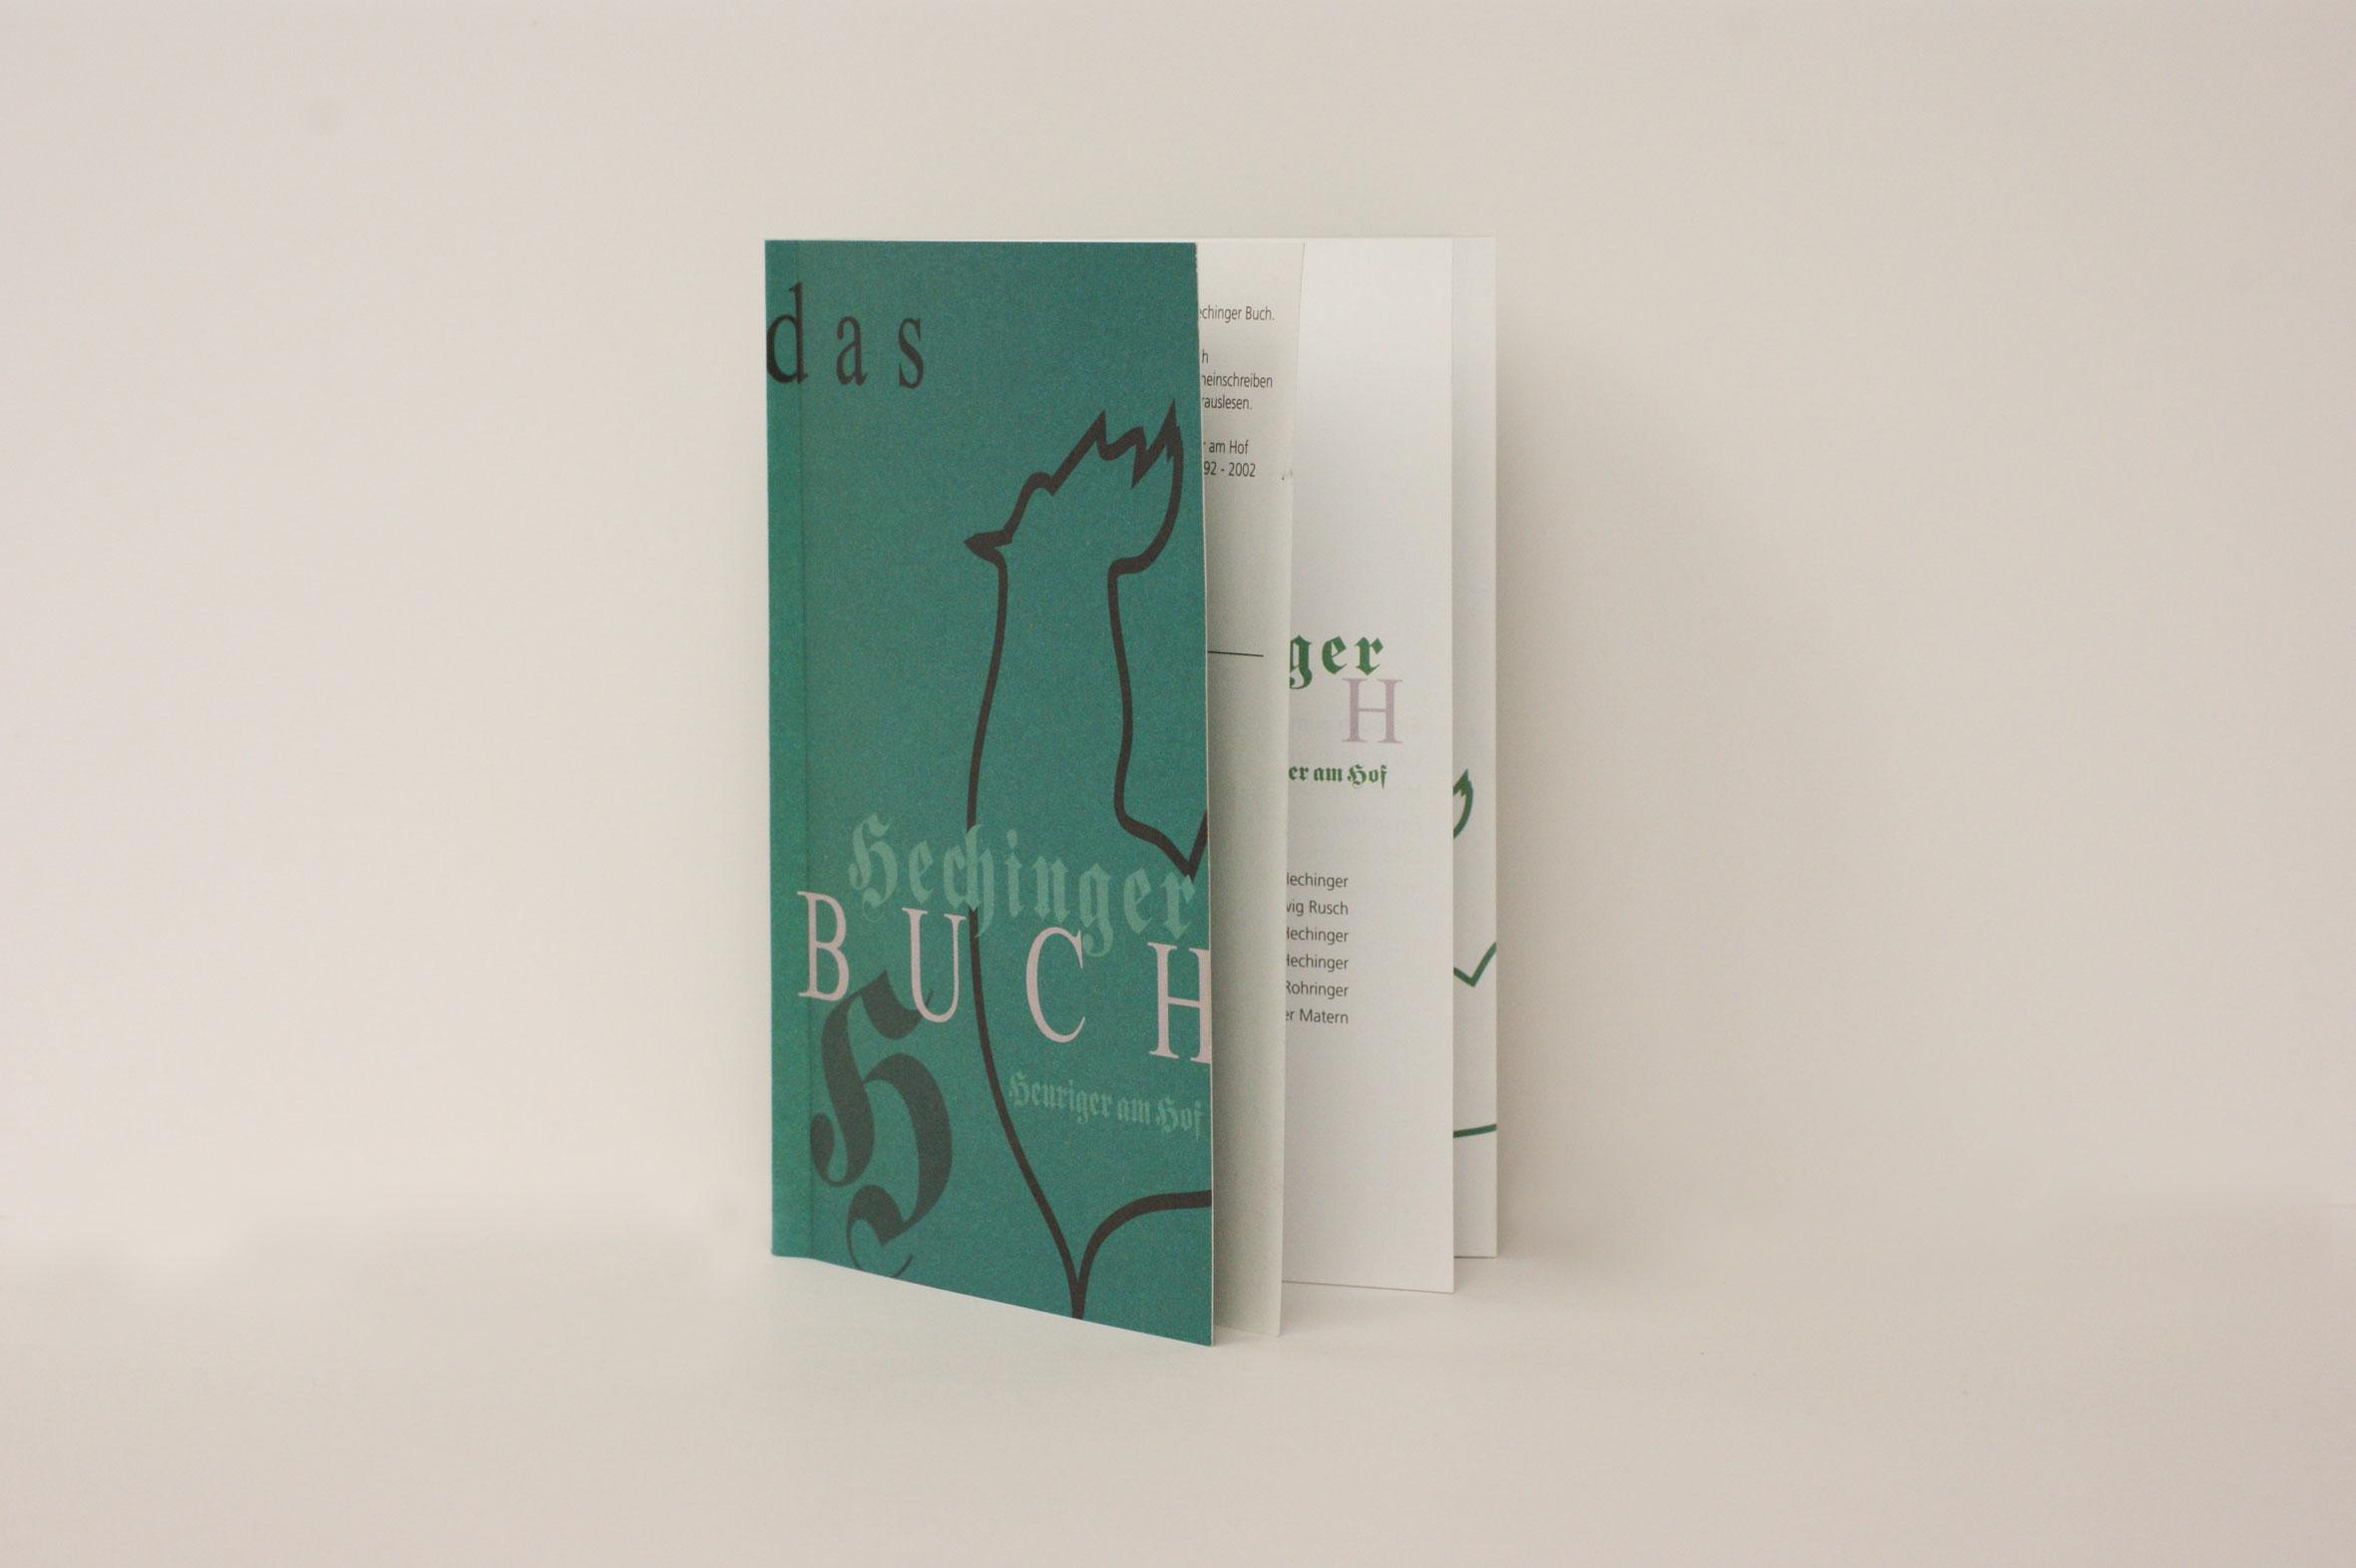 HechingerBuch, das Heurigen Taschenbuch zum herauslesen und hineinschreiben. Konzept und Gestaltung - Studio Rohringer